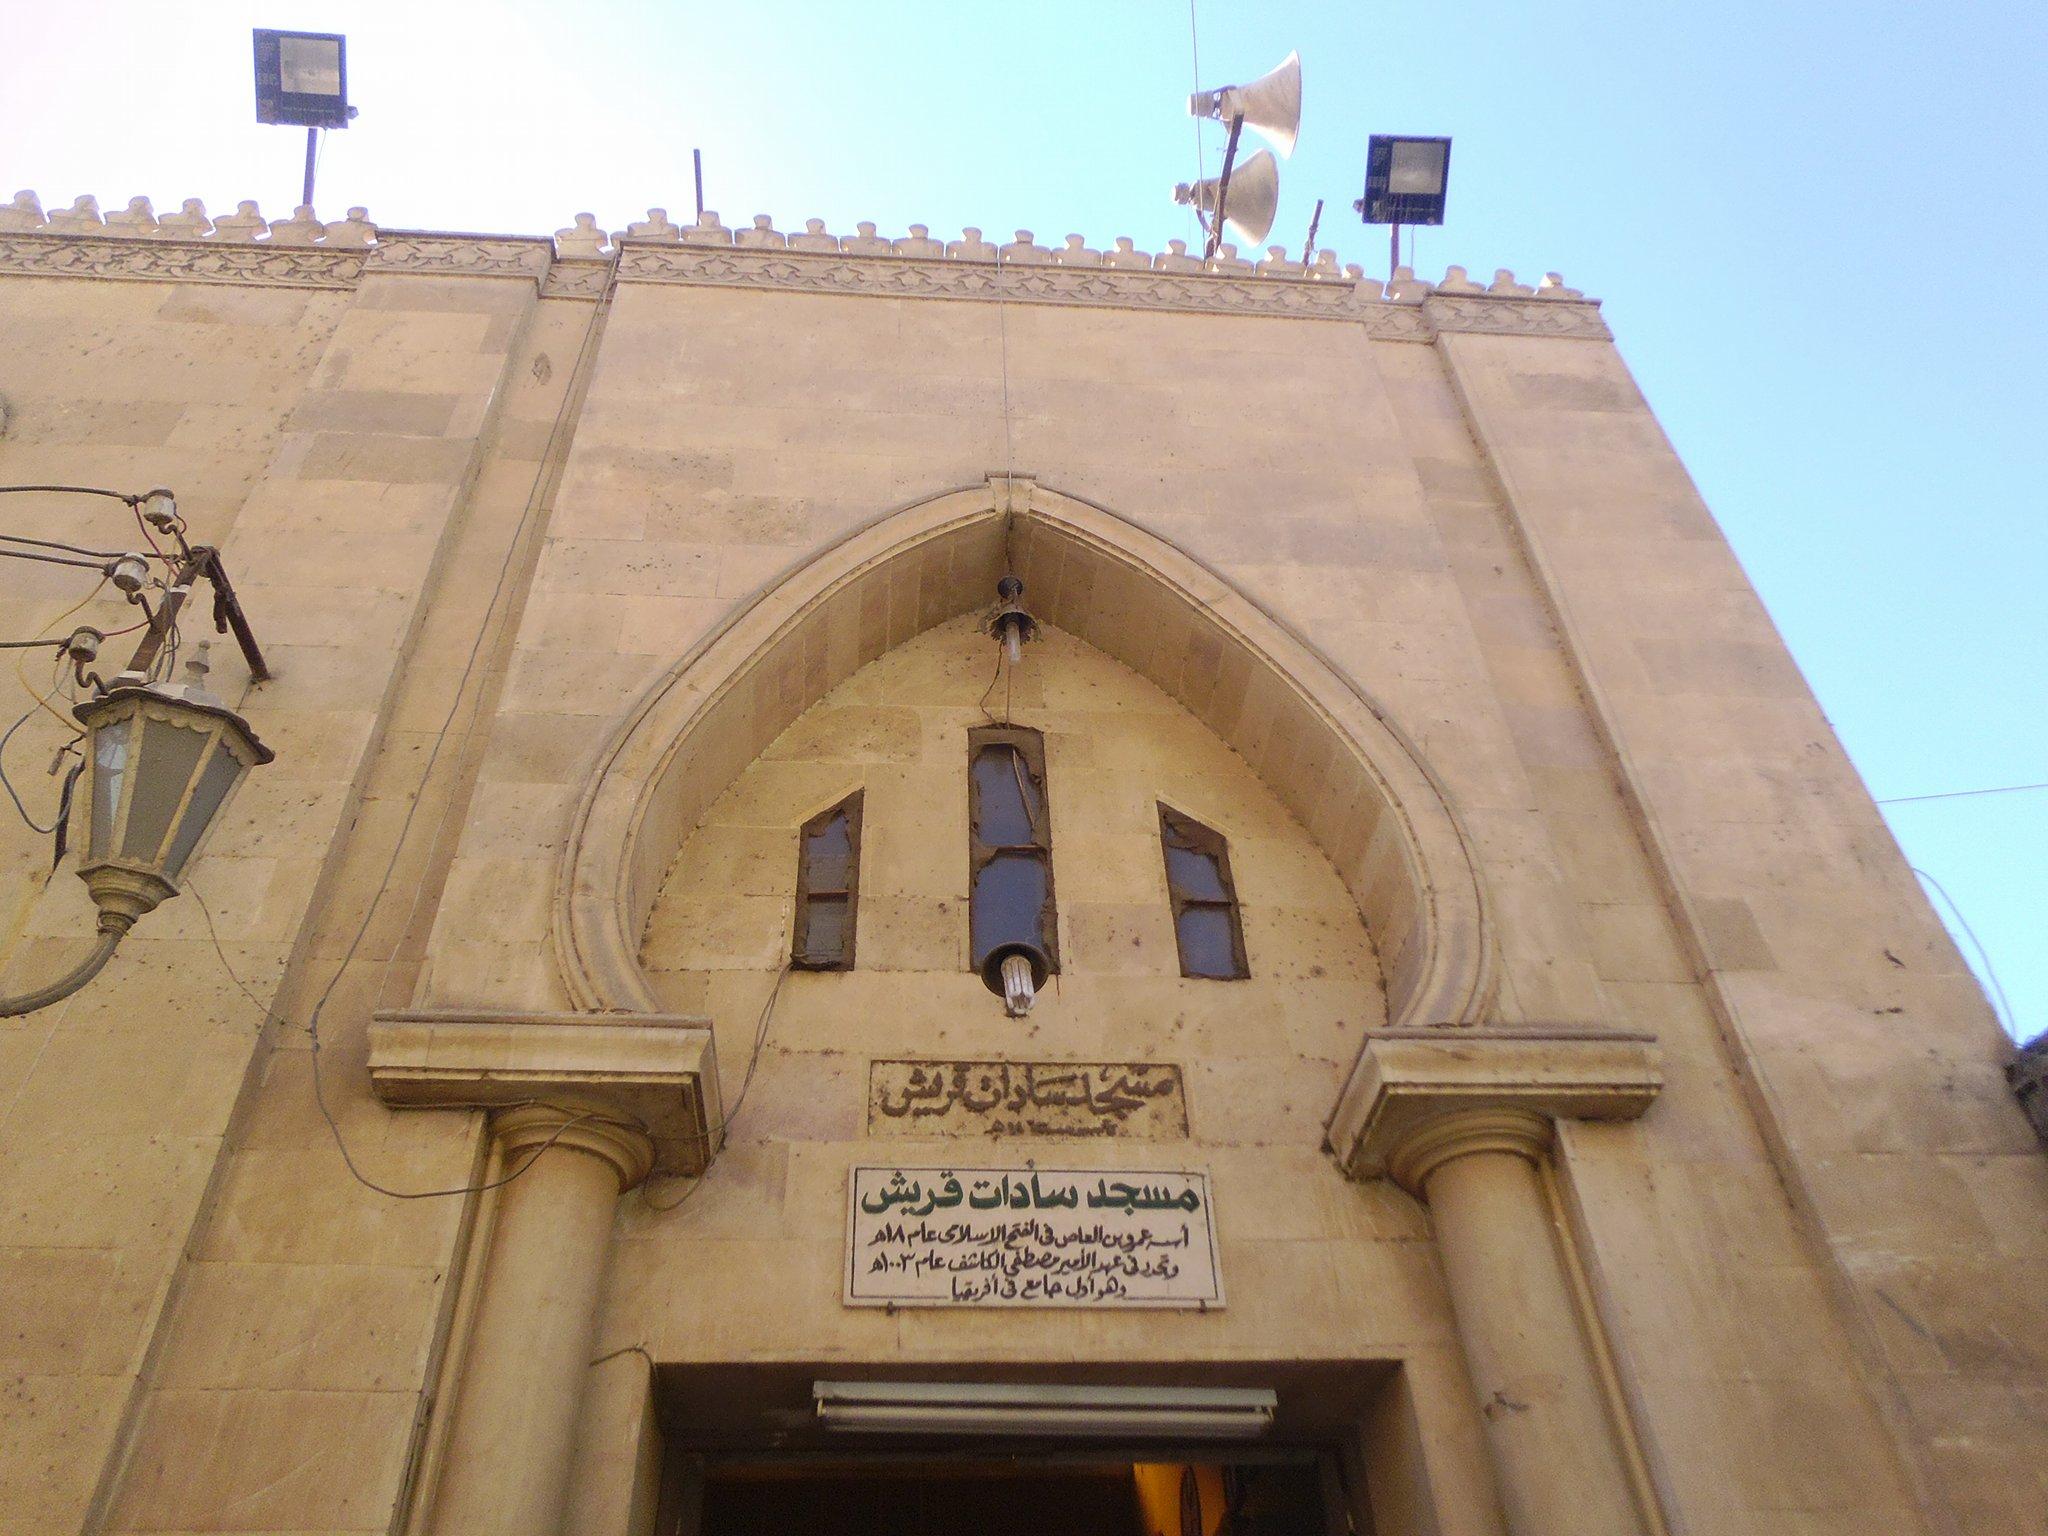 صورة خارجية للمسجد